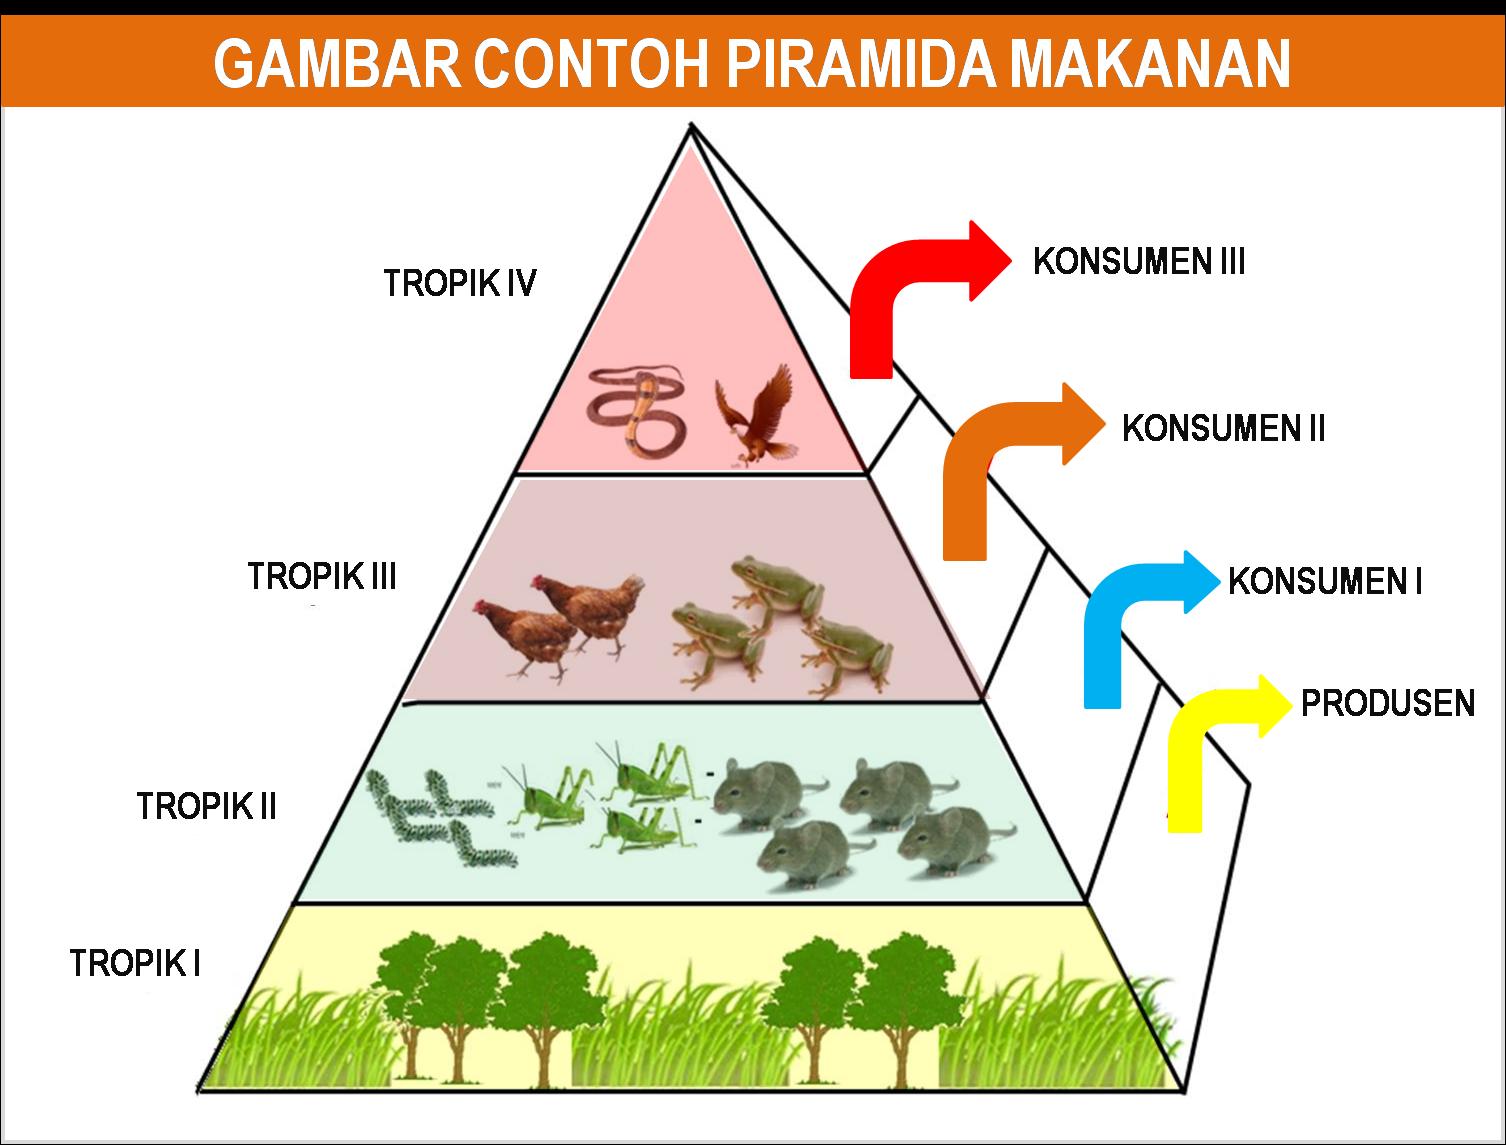 Gambar dan penjelasan piramida rantai dan jaring makanan freewaremini berikut di bawah ini contoh contoh dari gambar piramida rantai dan jaring makanan pada sebuah ekosistem silahkan temukan dan lihat perbedaannya ccuart Image collections